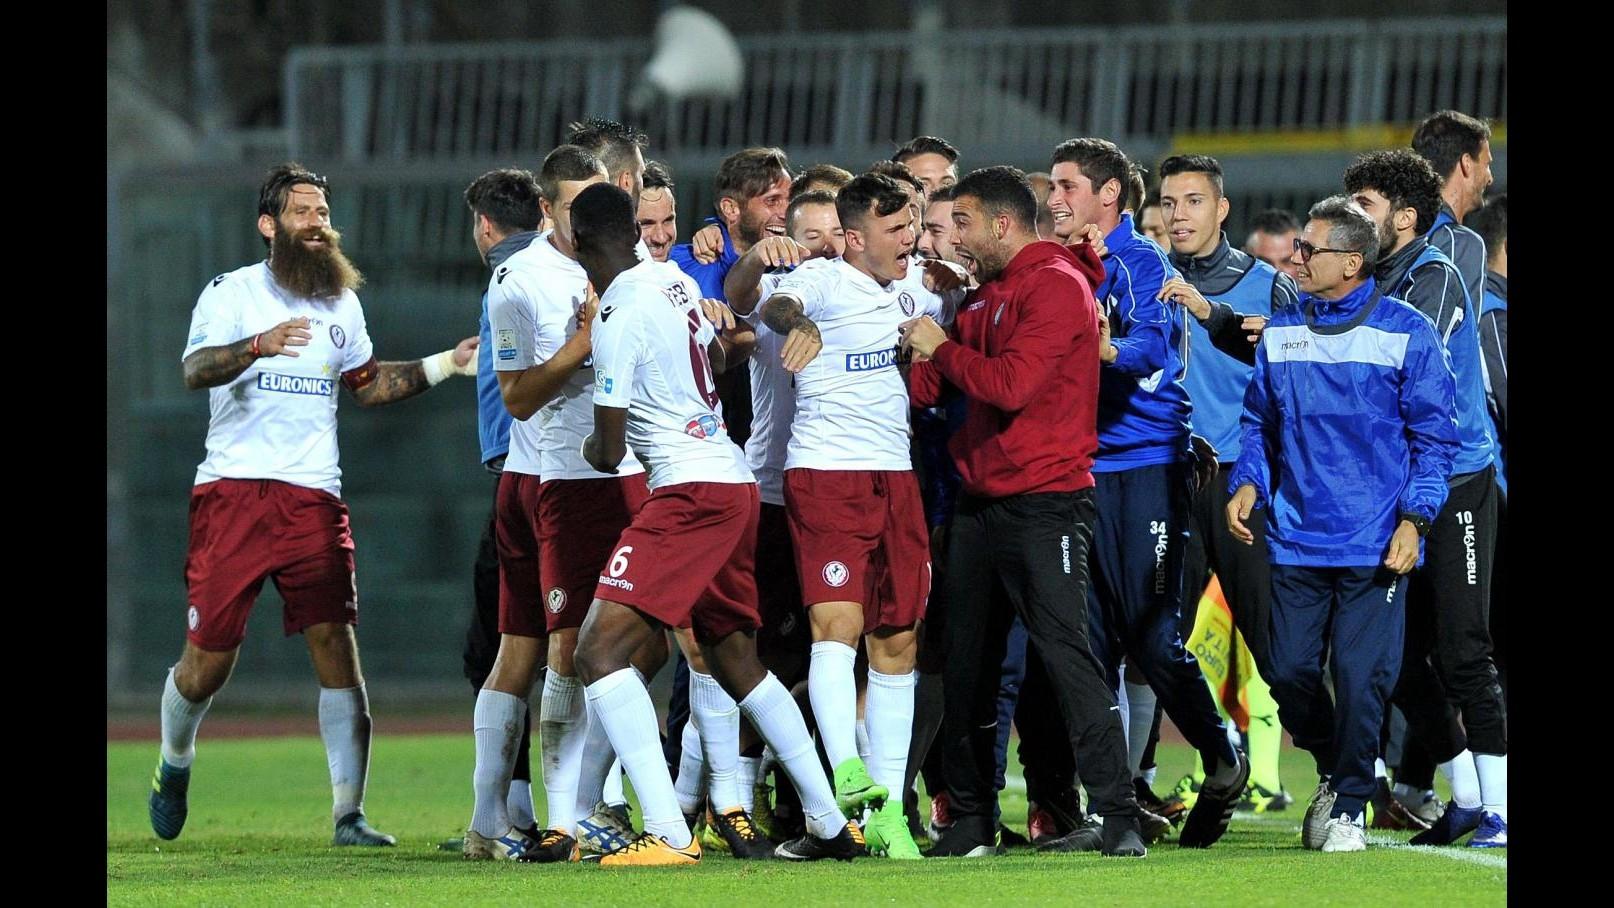 Serie C, Livorno – Arezzo 1-1